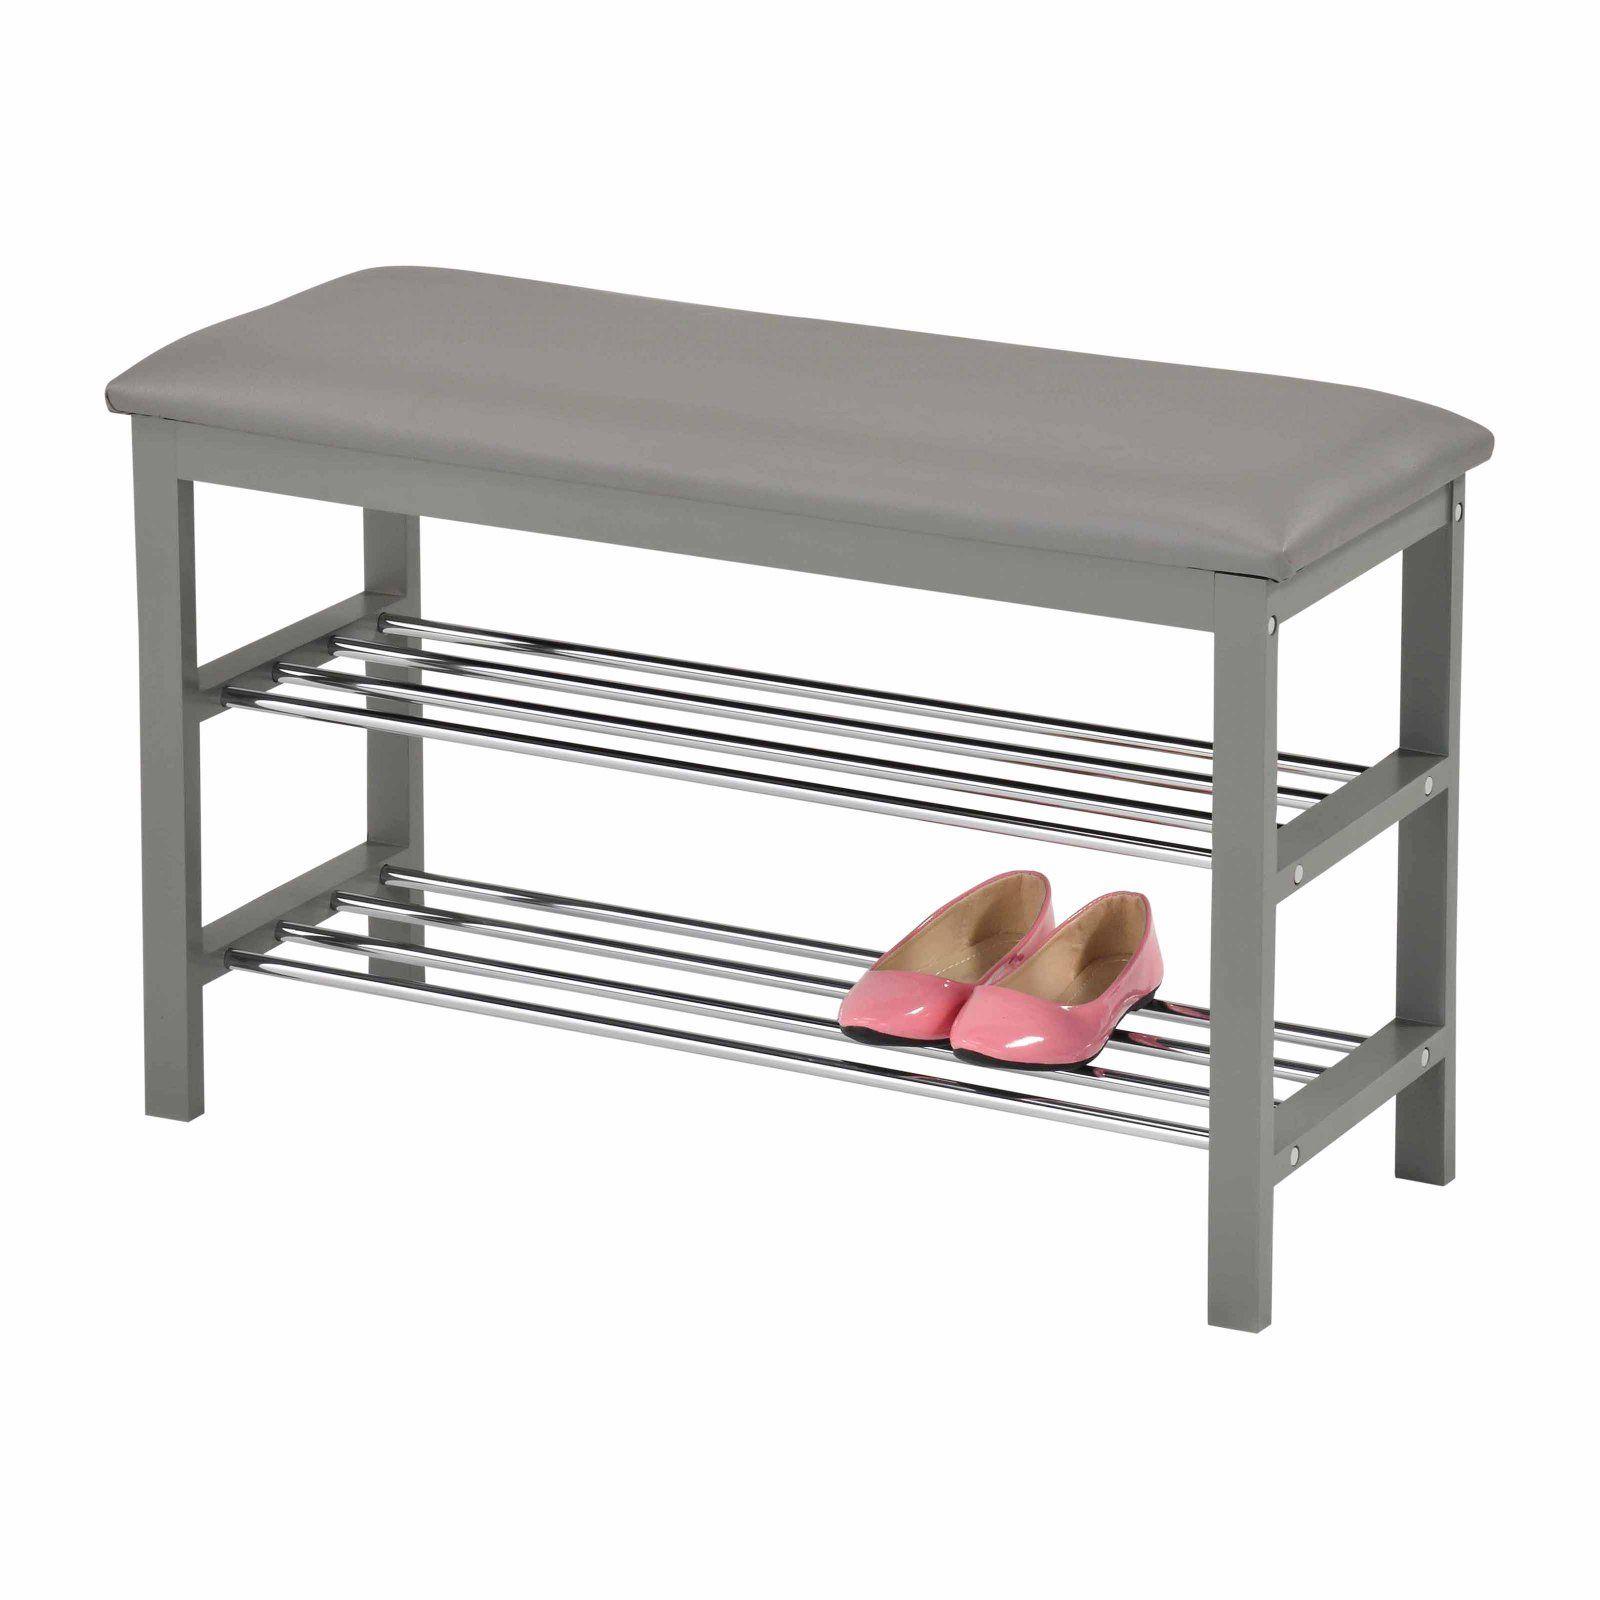 31 5 In Indoor Bench With Shoe Storage